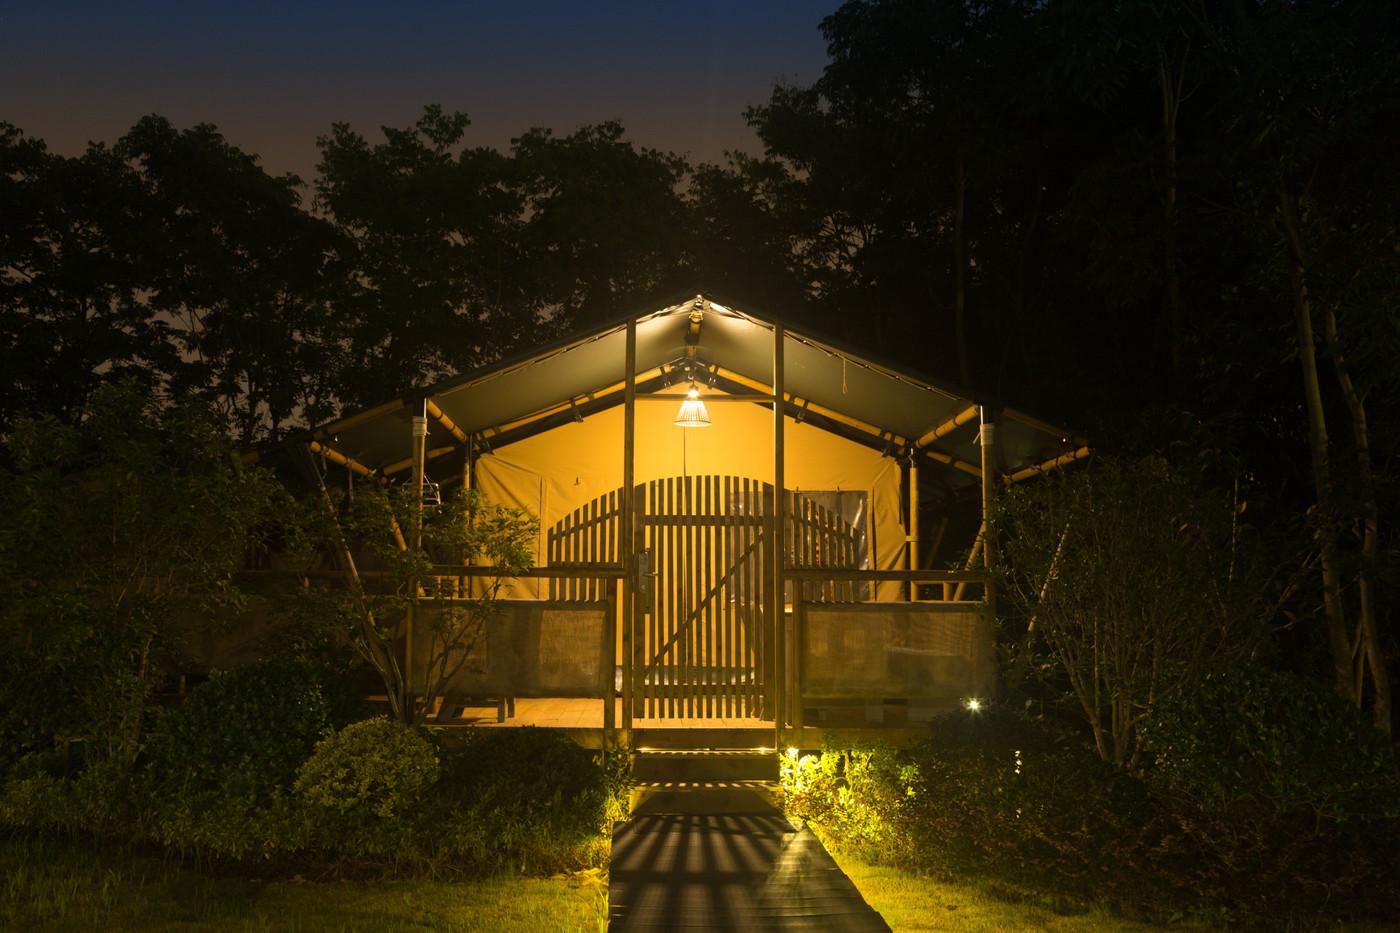 喜马拉雅嘉境林邸子母房奢华帐篷酒店生产厂家,为全球30多个国家提供营地帐篷酒店规划设计制造服务!以下为奢华帐篷酒店图片和视频介绍!8